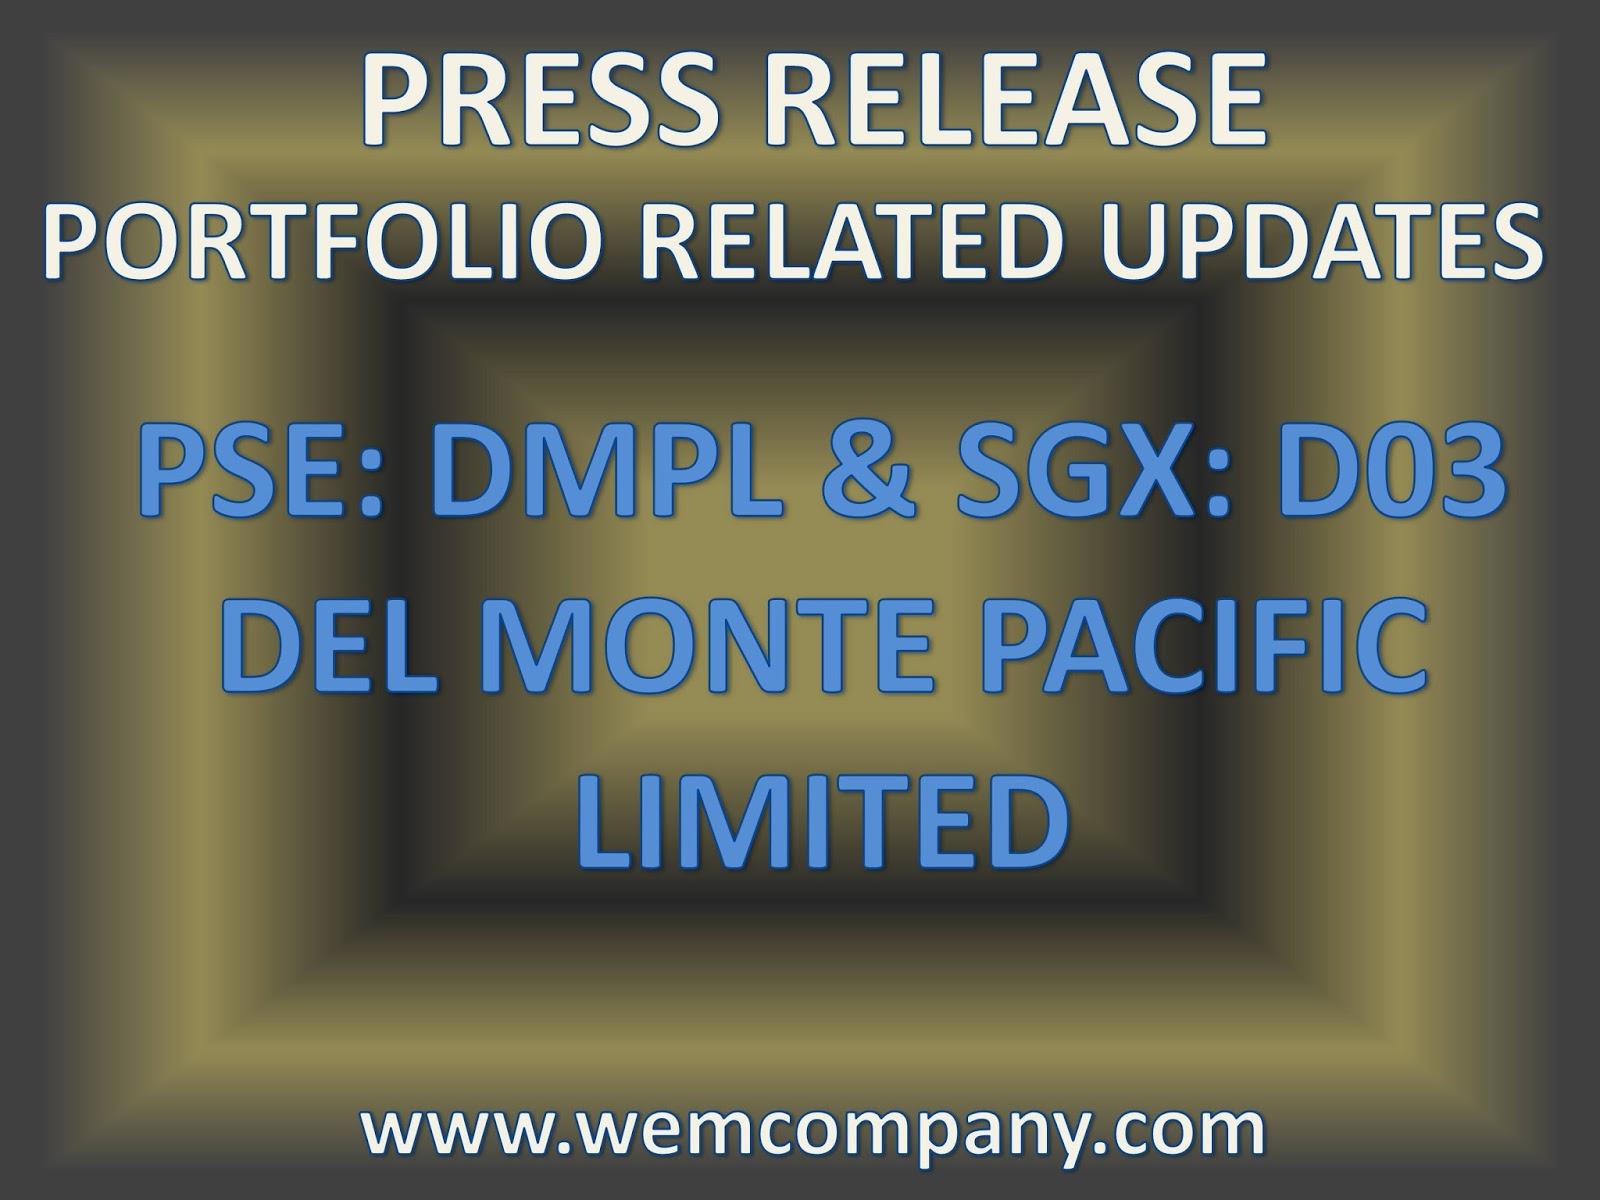 Press Release: Del Monte Pacific Limited (DMPL / D03